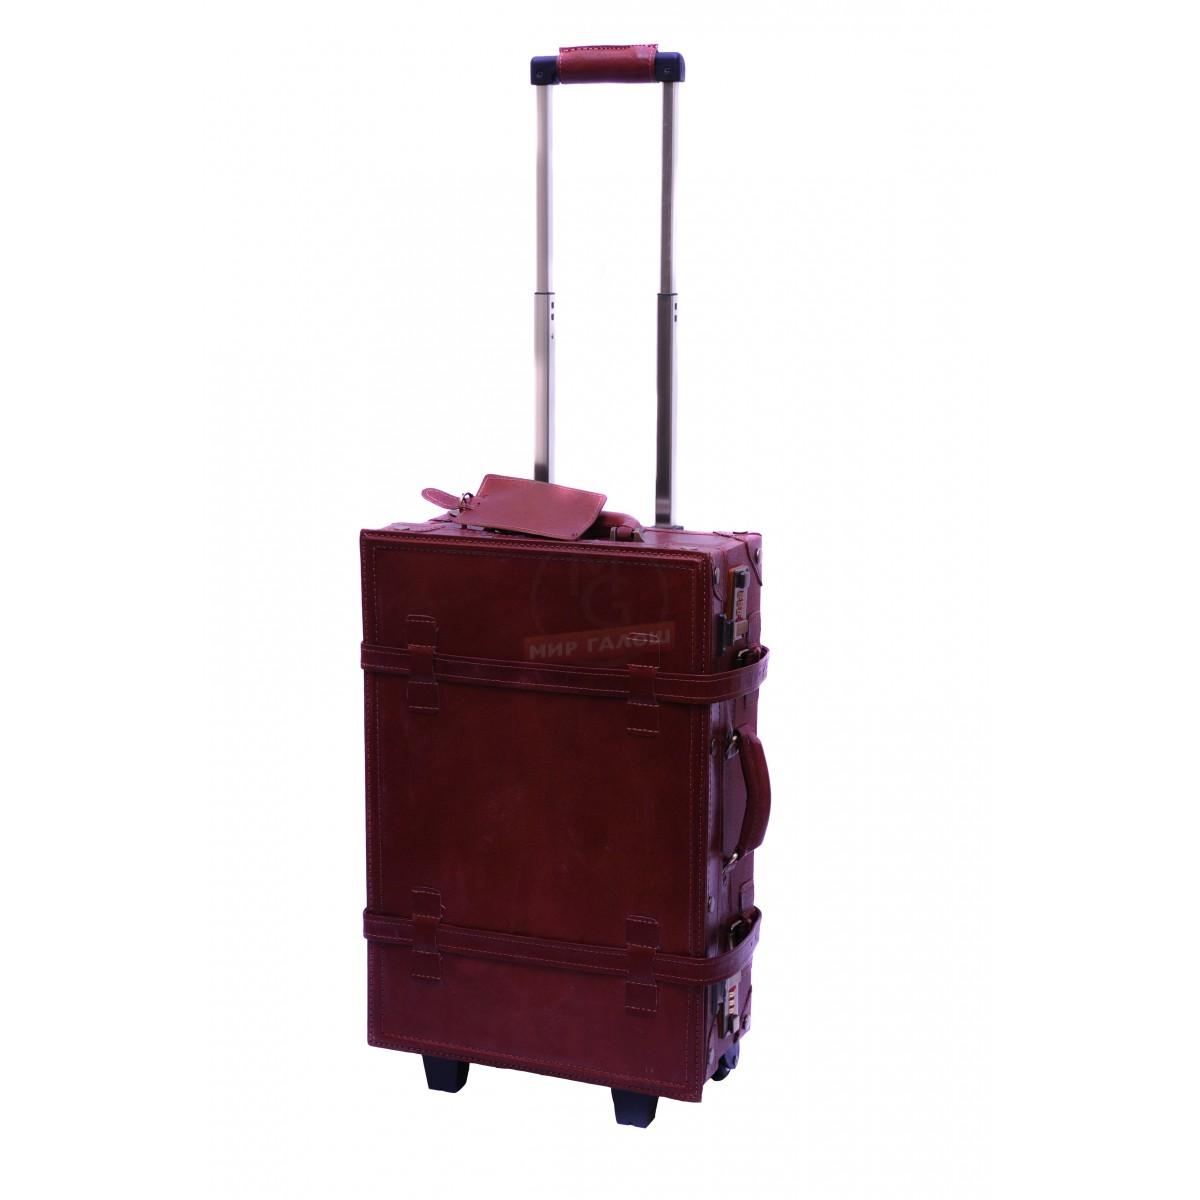 Дорожный чемодан на колесах Suitcase №4